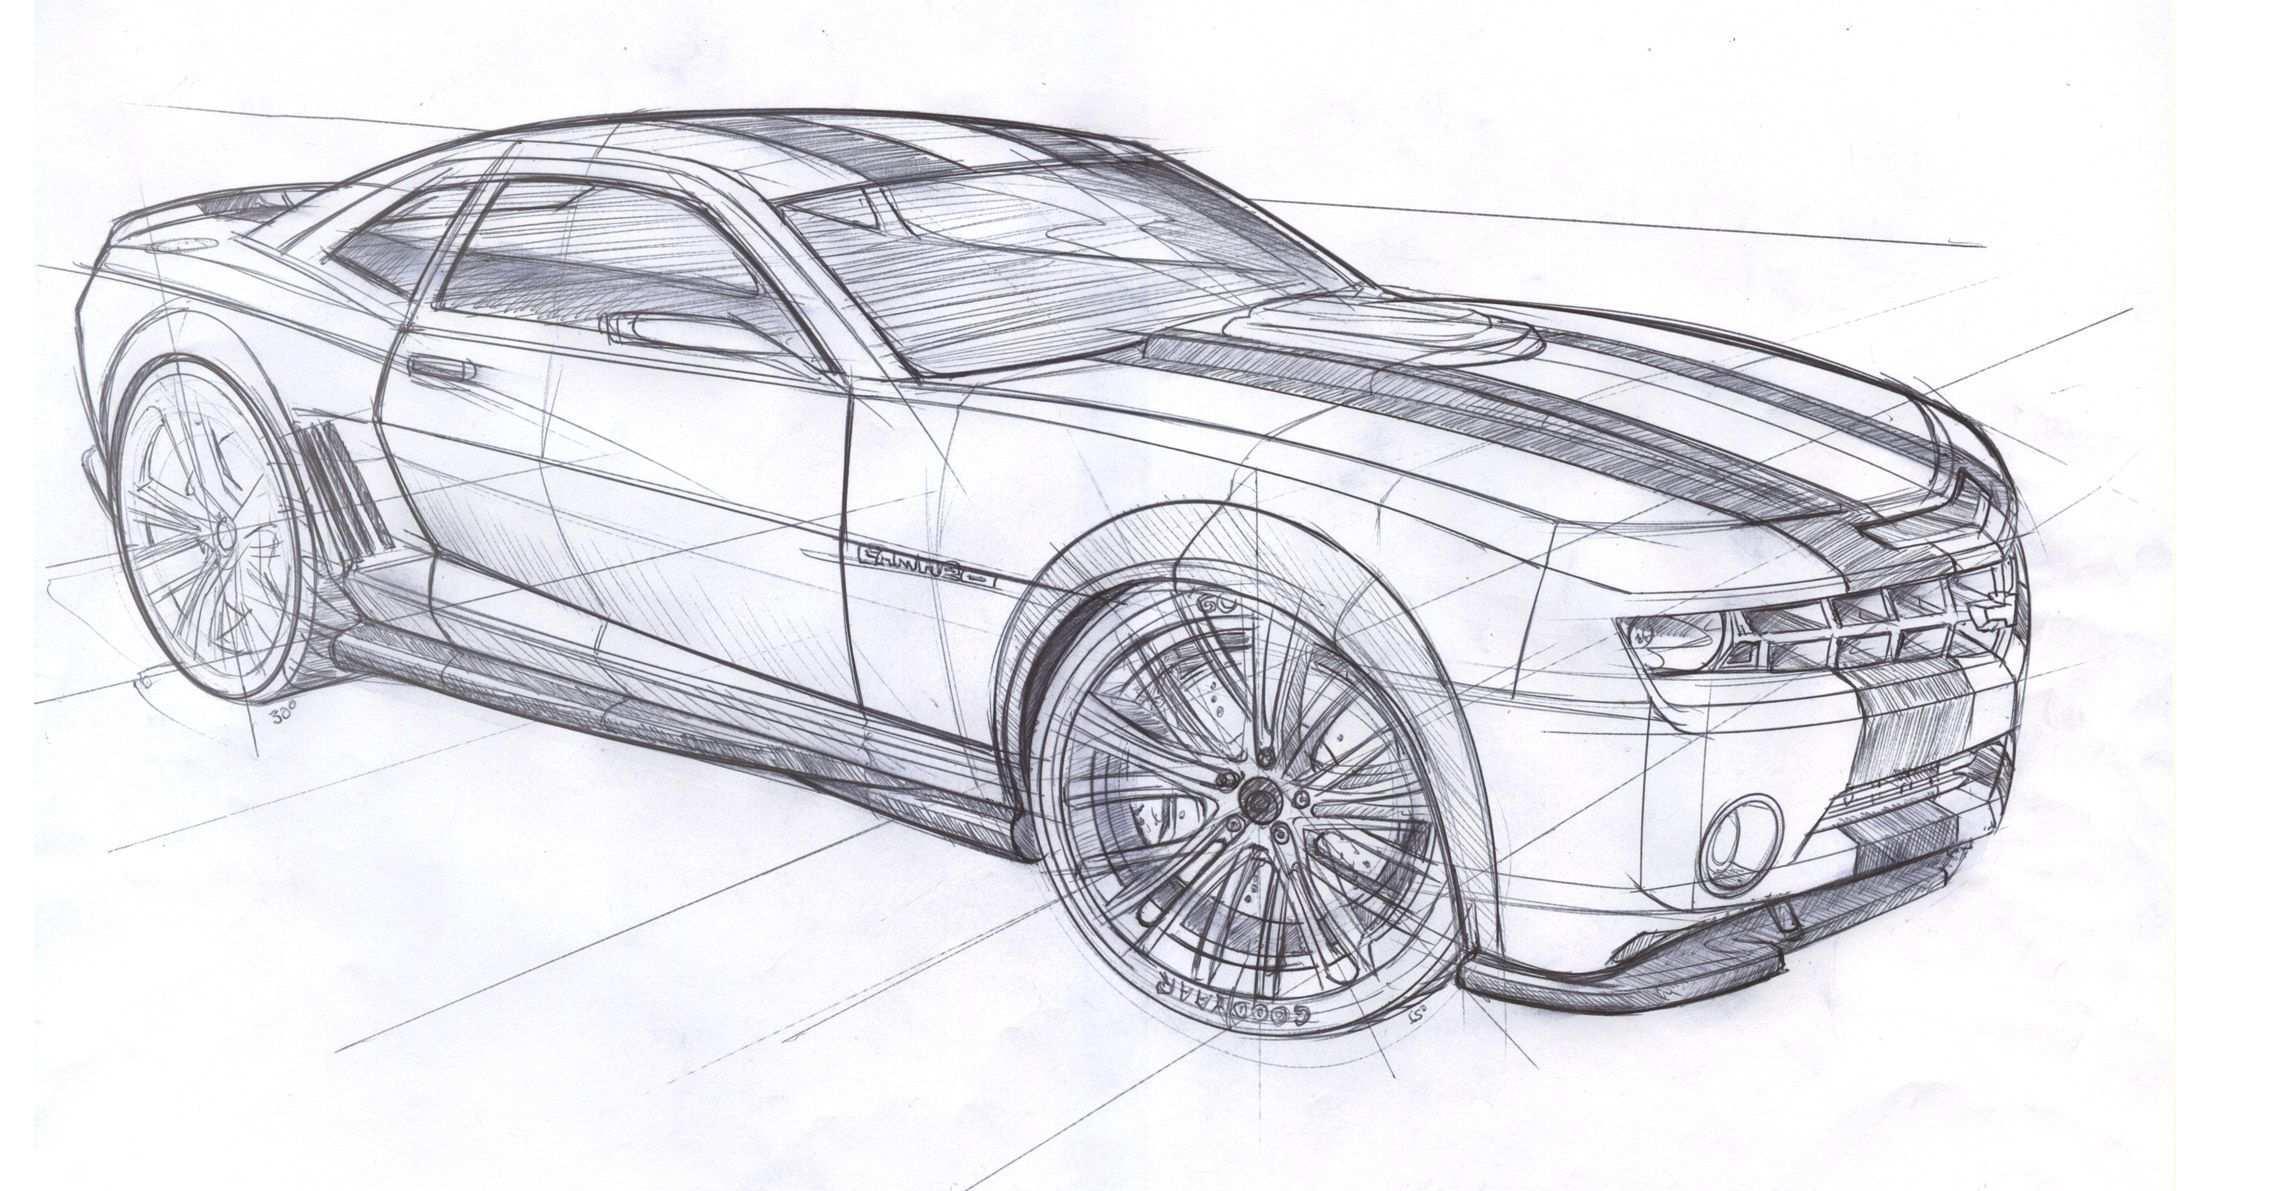 Original 45080 Ti0xivncm7qhbzvbzv9q6m47q Jpg 2 283 1 191 Pixels Car Design Sketch Car Sketch Car Illustration